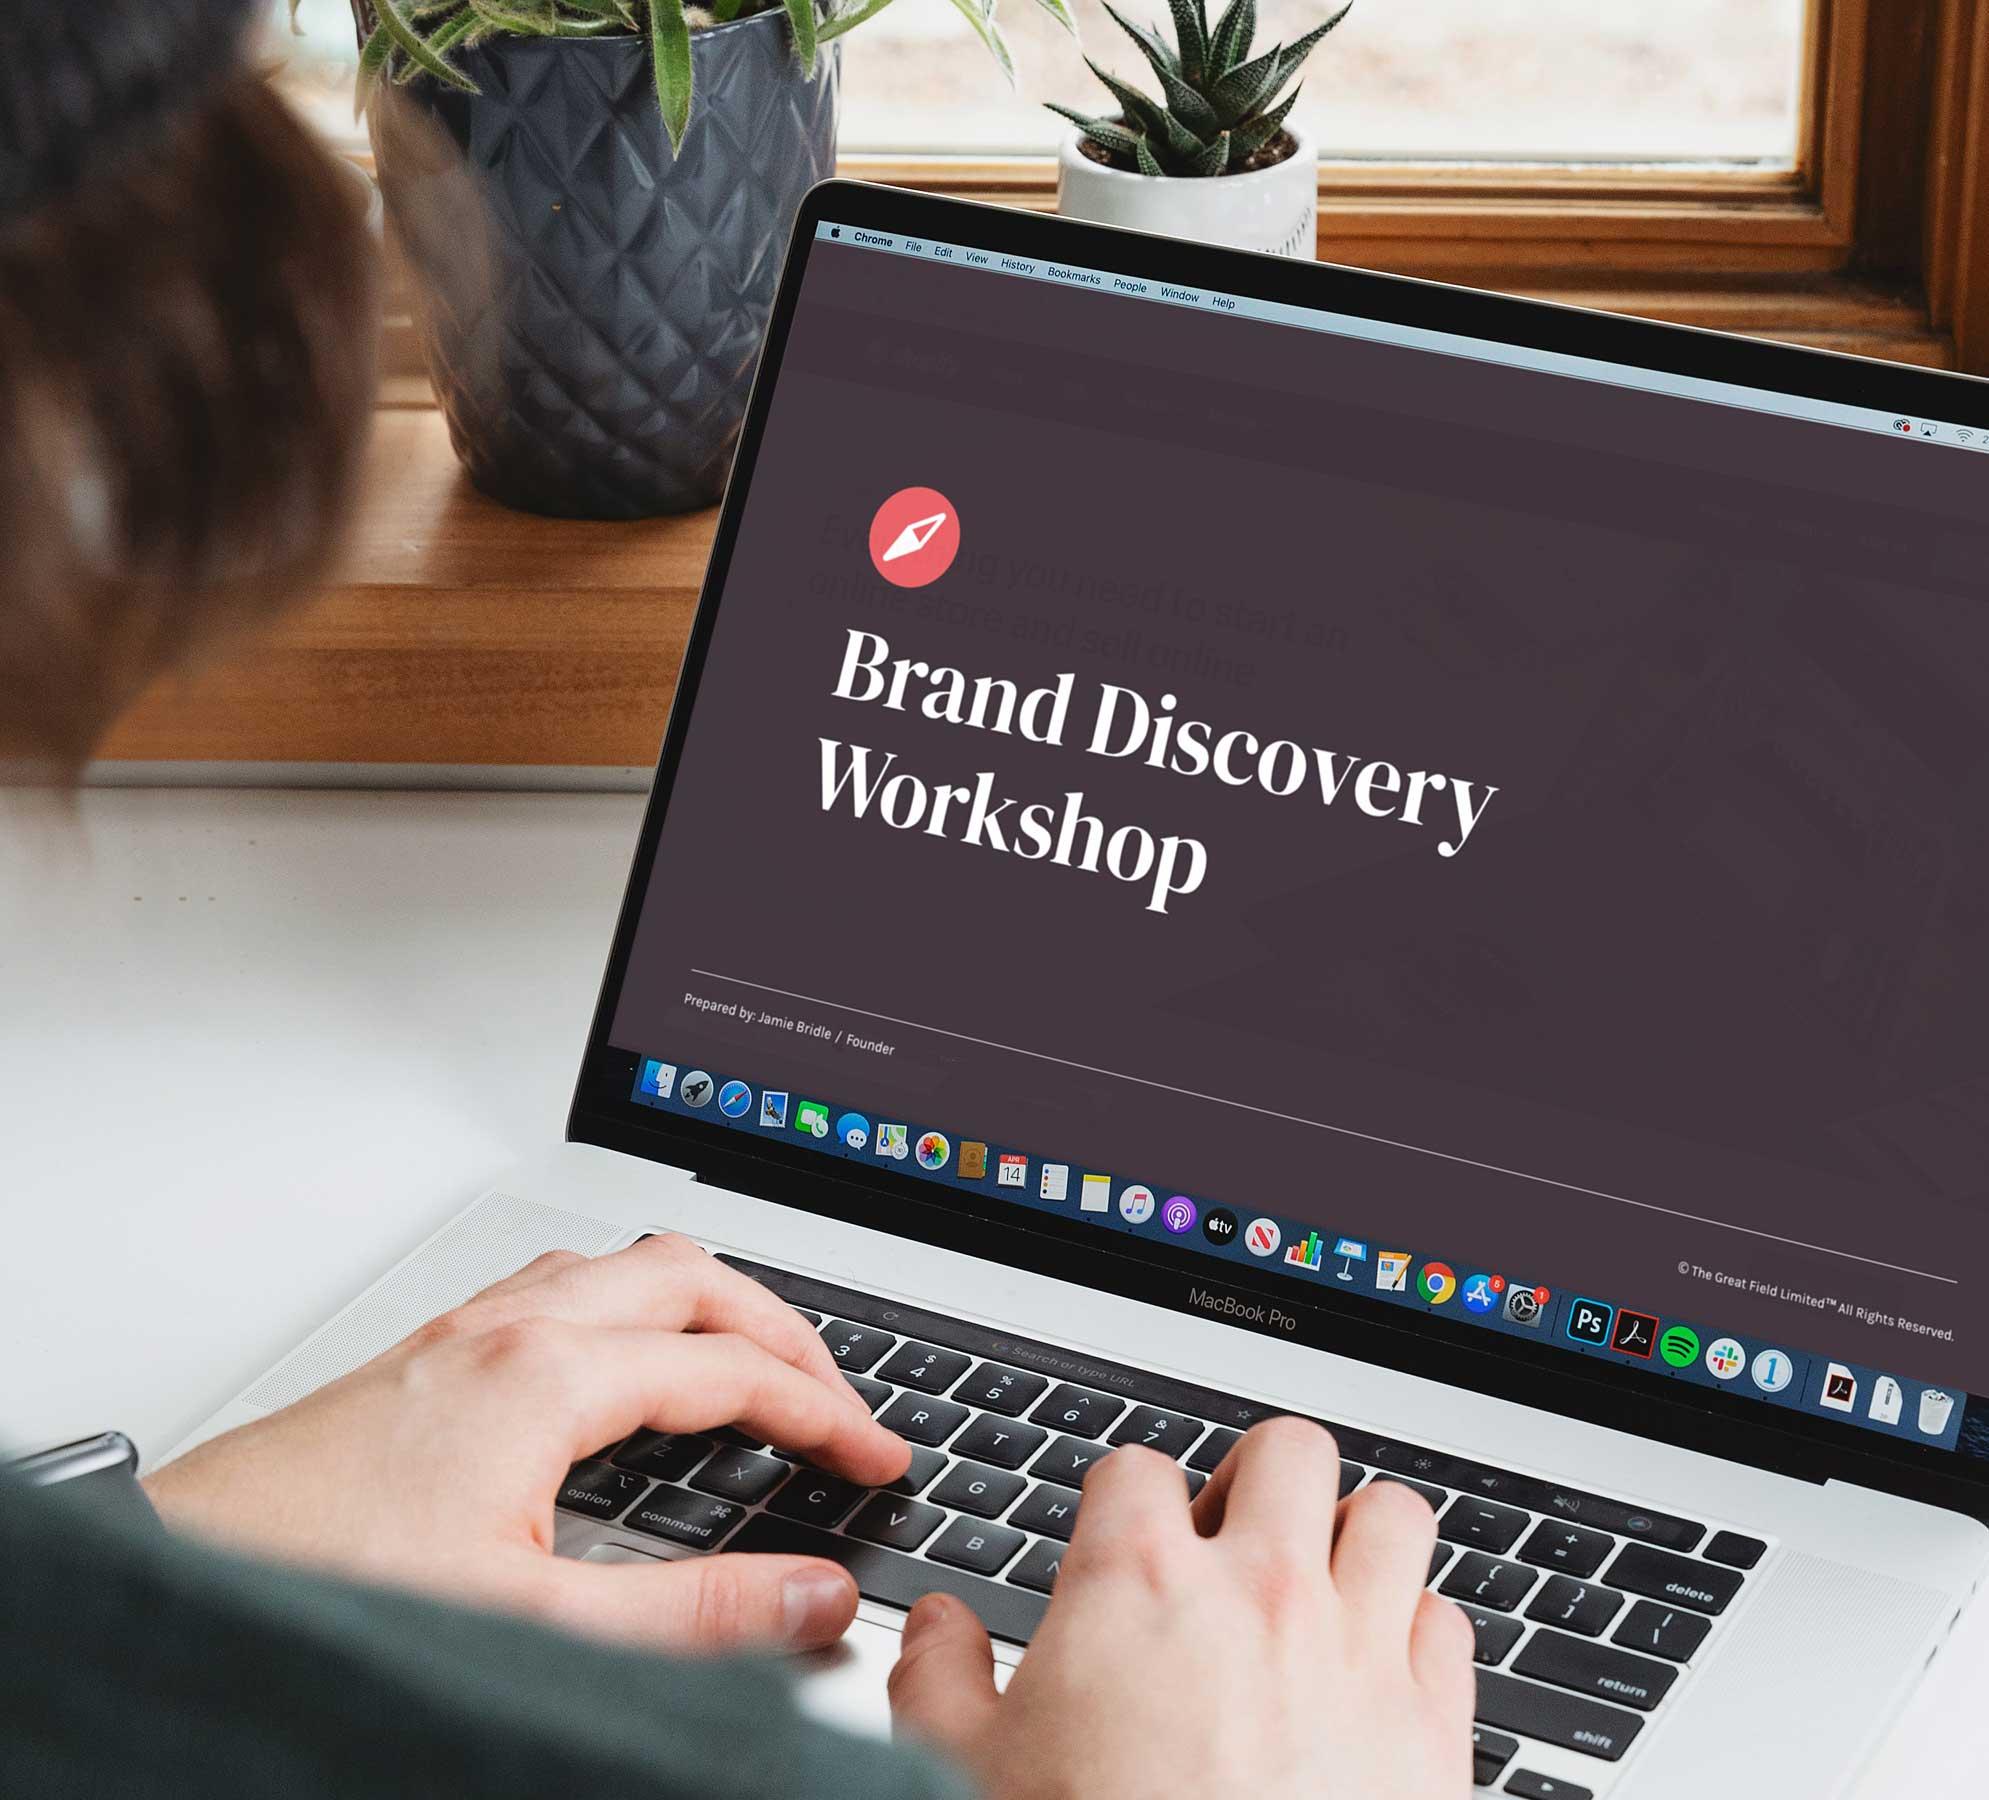 Brand workshops